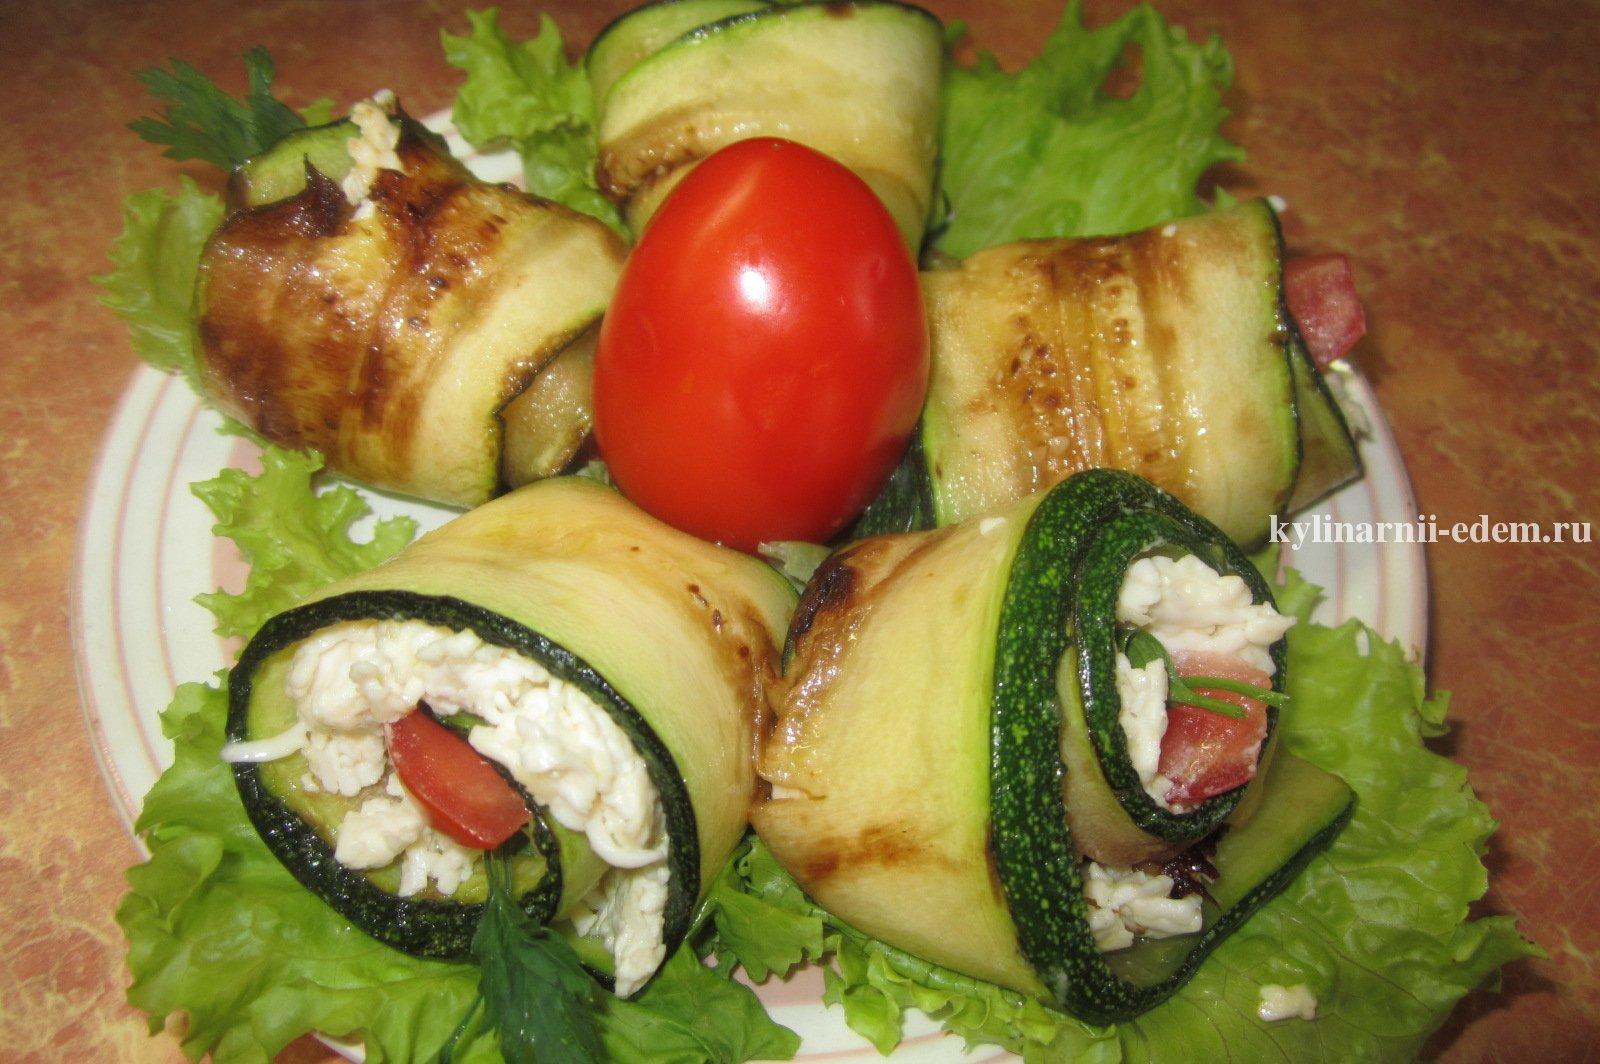 Баклажаны в духовке с помидорами сыром и чесноком рецепт с